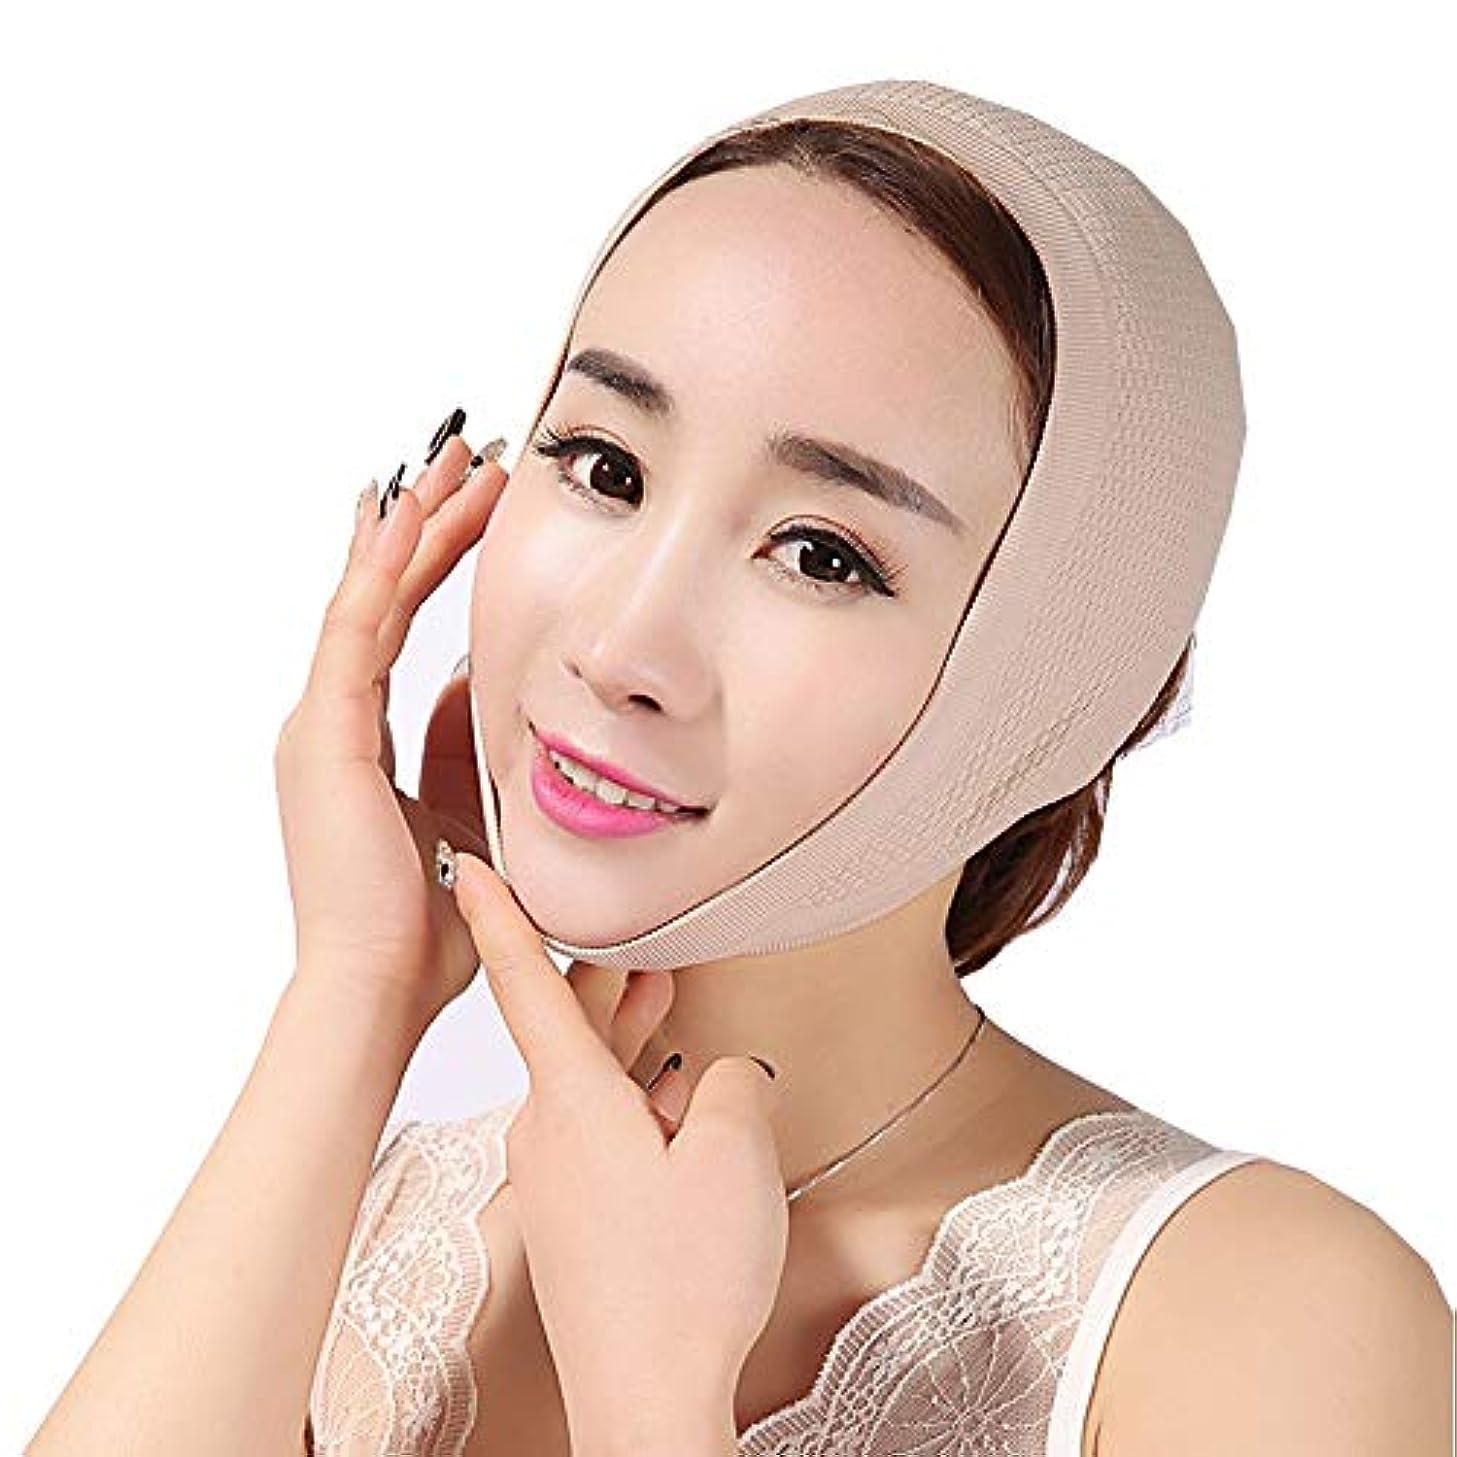 リード圧倒的予防接種するJia Jia- フェイスマスクで眠る薄い顔フェイスリフトフェイスリフトアーティファクトスモールフェイスVフェイスリフト付きフェイスフェイス包帯引き上げジョーセット 顔面包帯